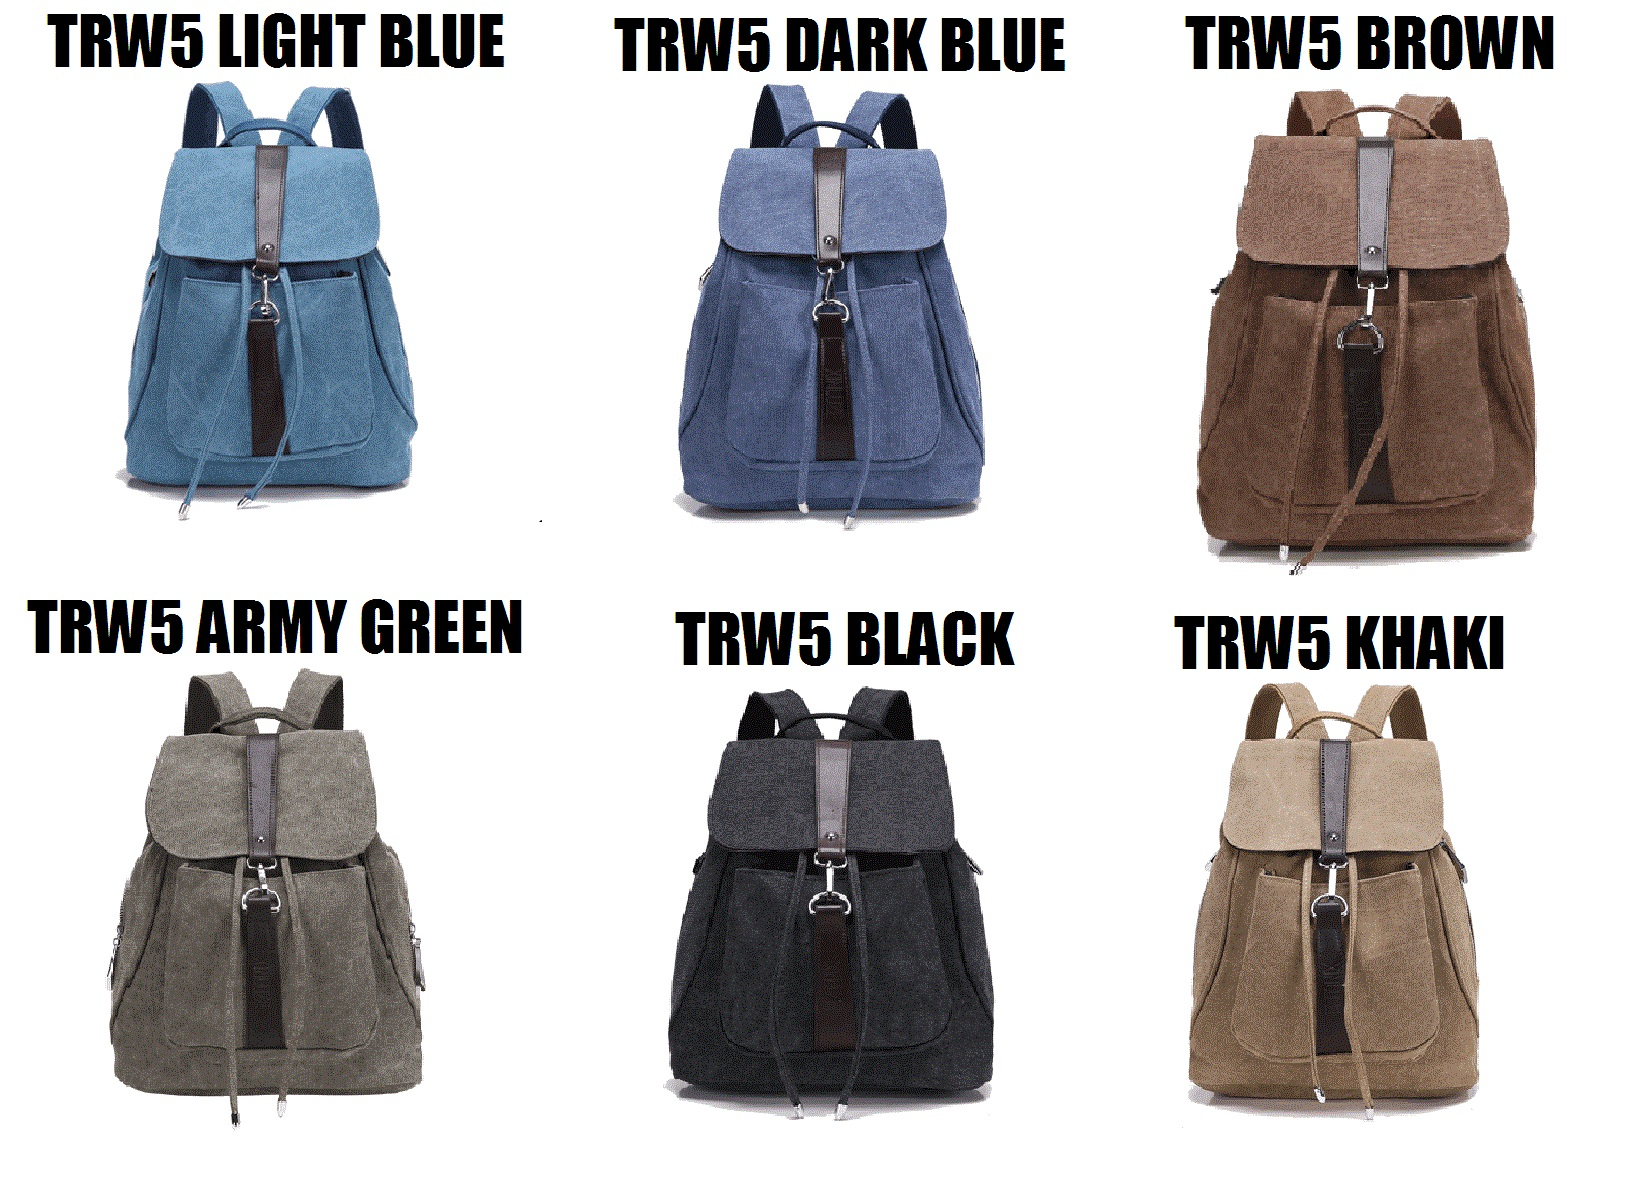 Jual Martin Versa Tas TRW5 Ransel Backpack Wanita Kanvas Impor Import - Dark Blue - Martin